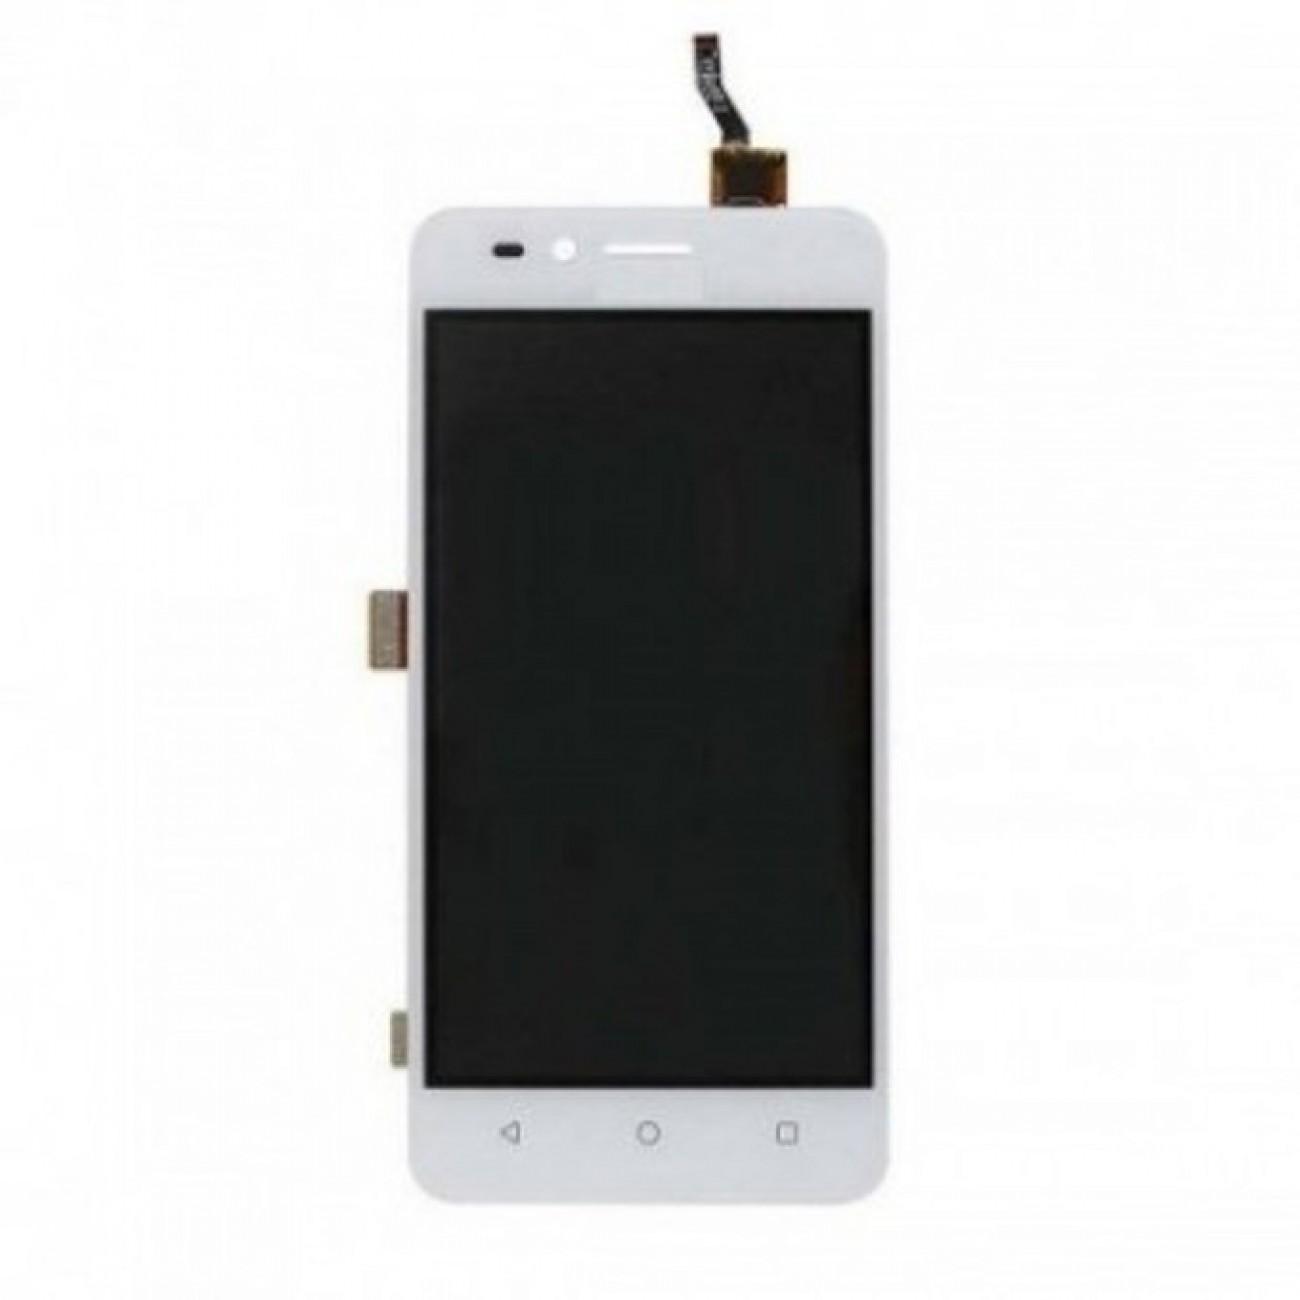 Дисплей за Huawei Y3 ii 4G, LCD Original, с тъч, бял в Резервни части -  | Alleop